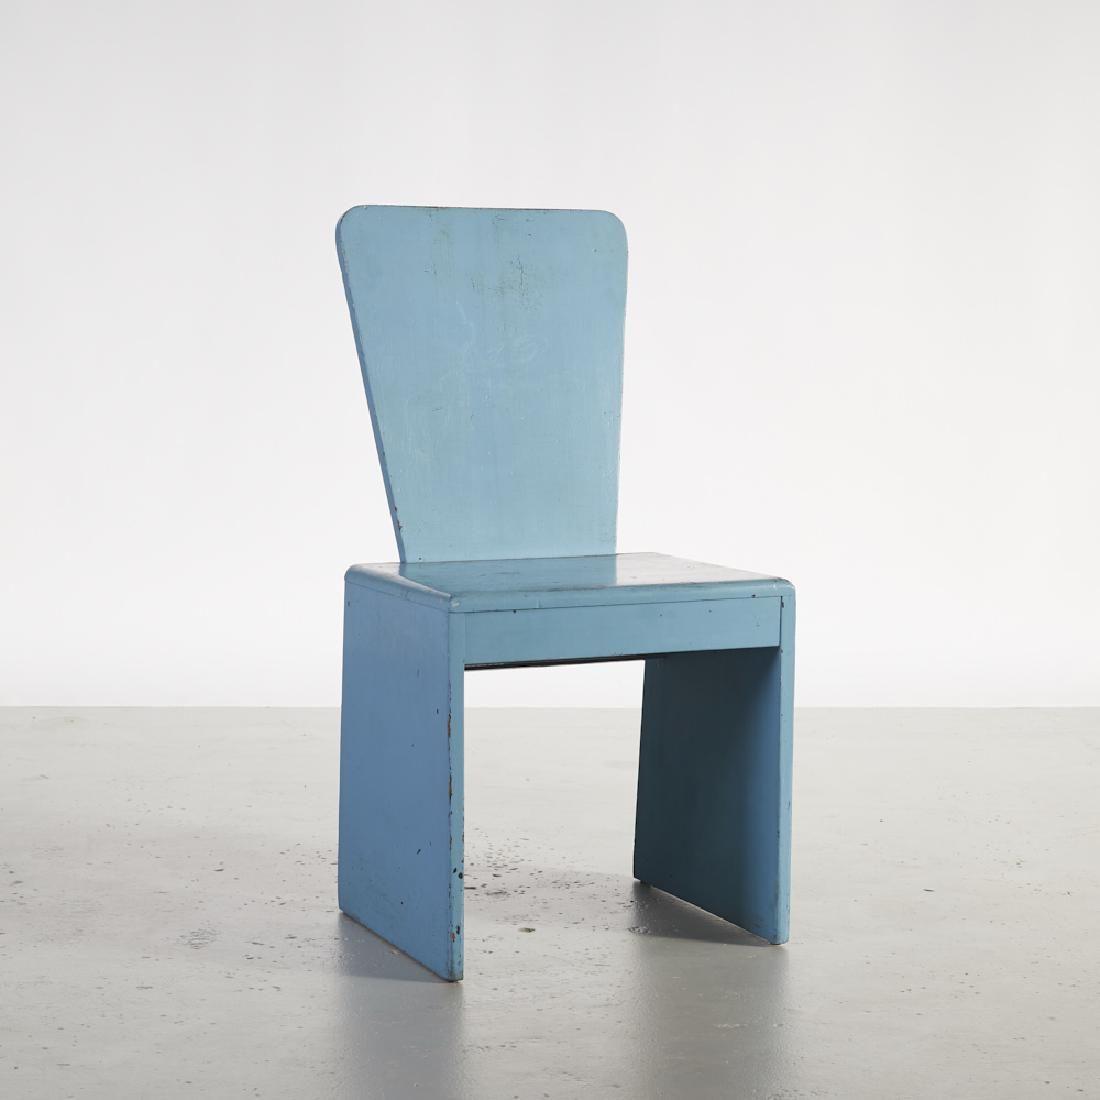 Leon Polk Smith (1909-1996) Constructivist Chair